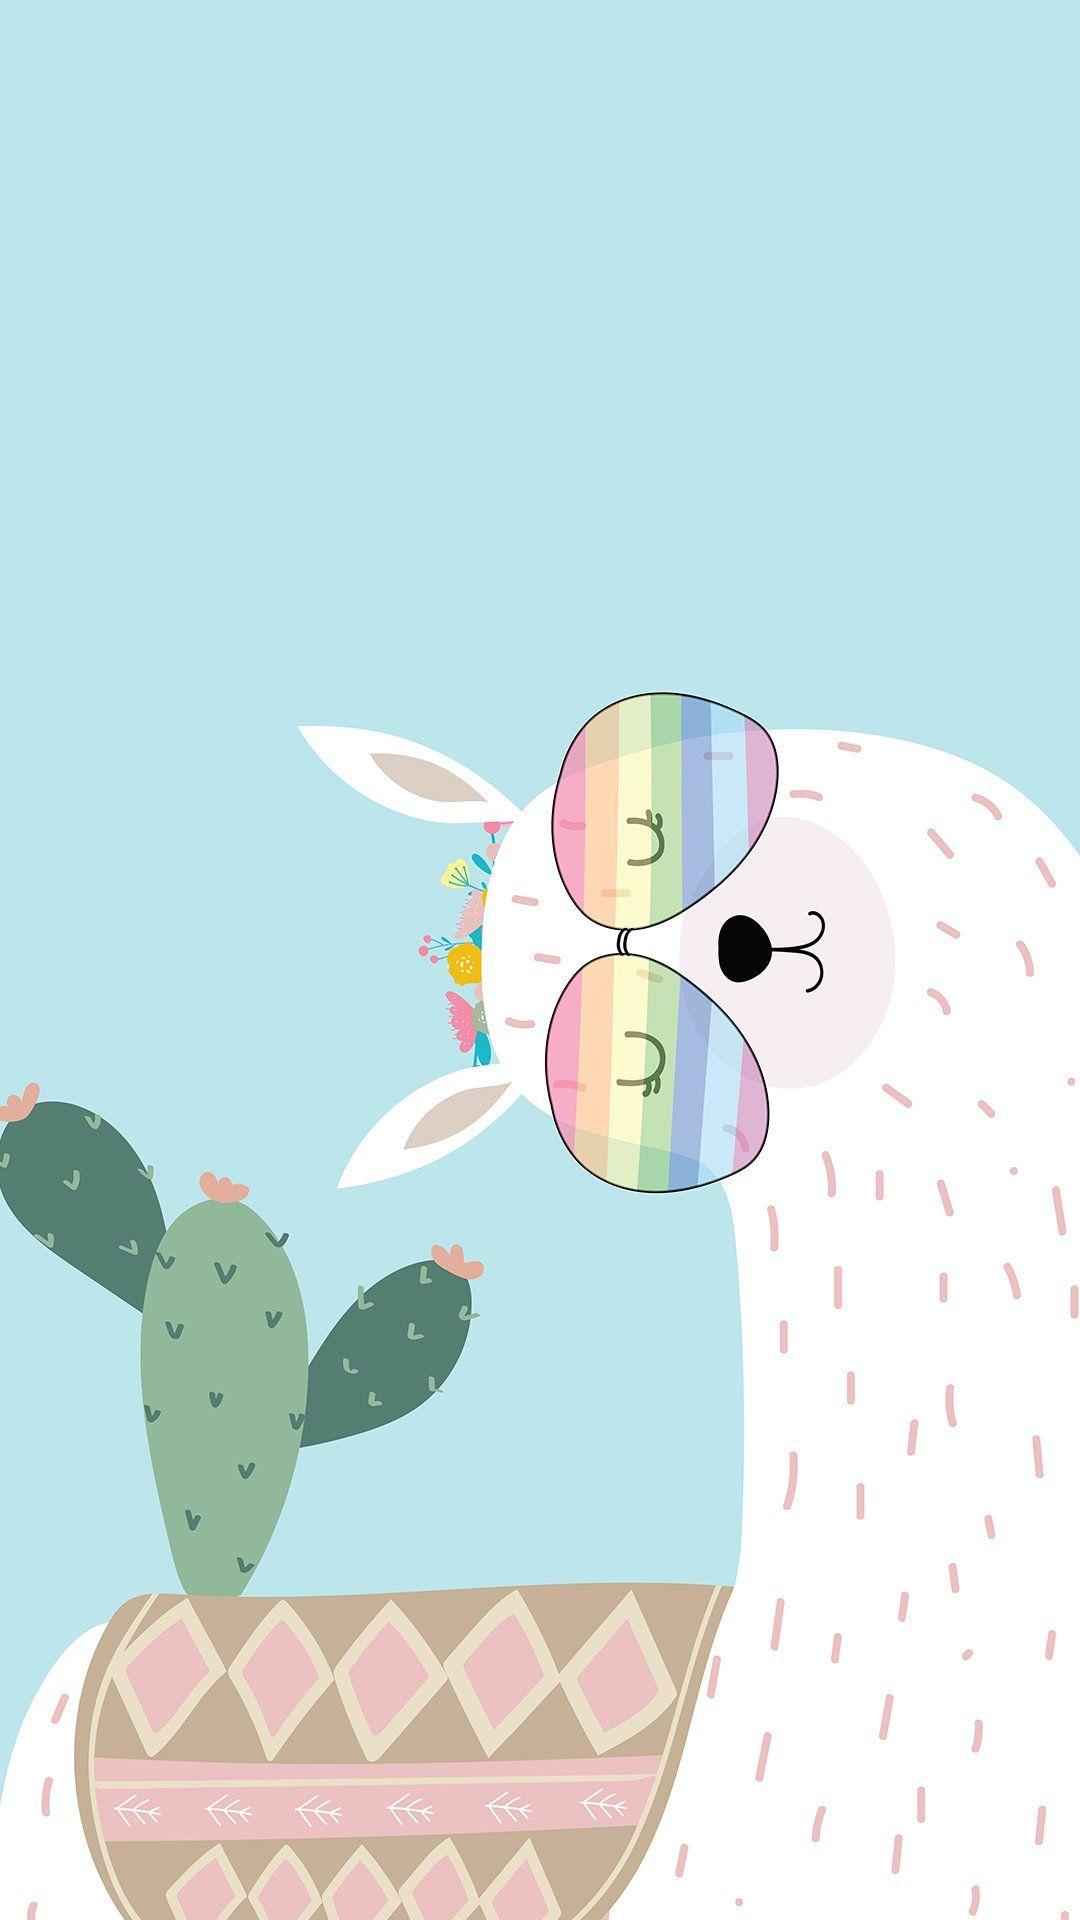 Llama Cactus Wallpaper Iphone Cute Cartoon Wallpaper Cute Wallpapers